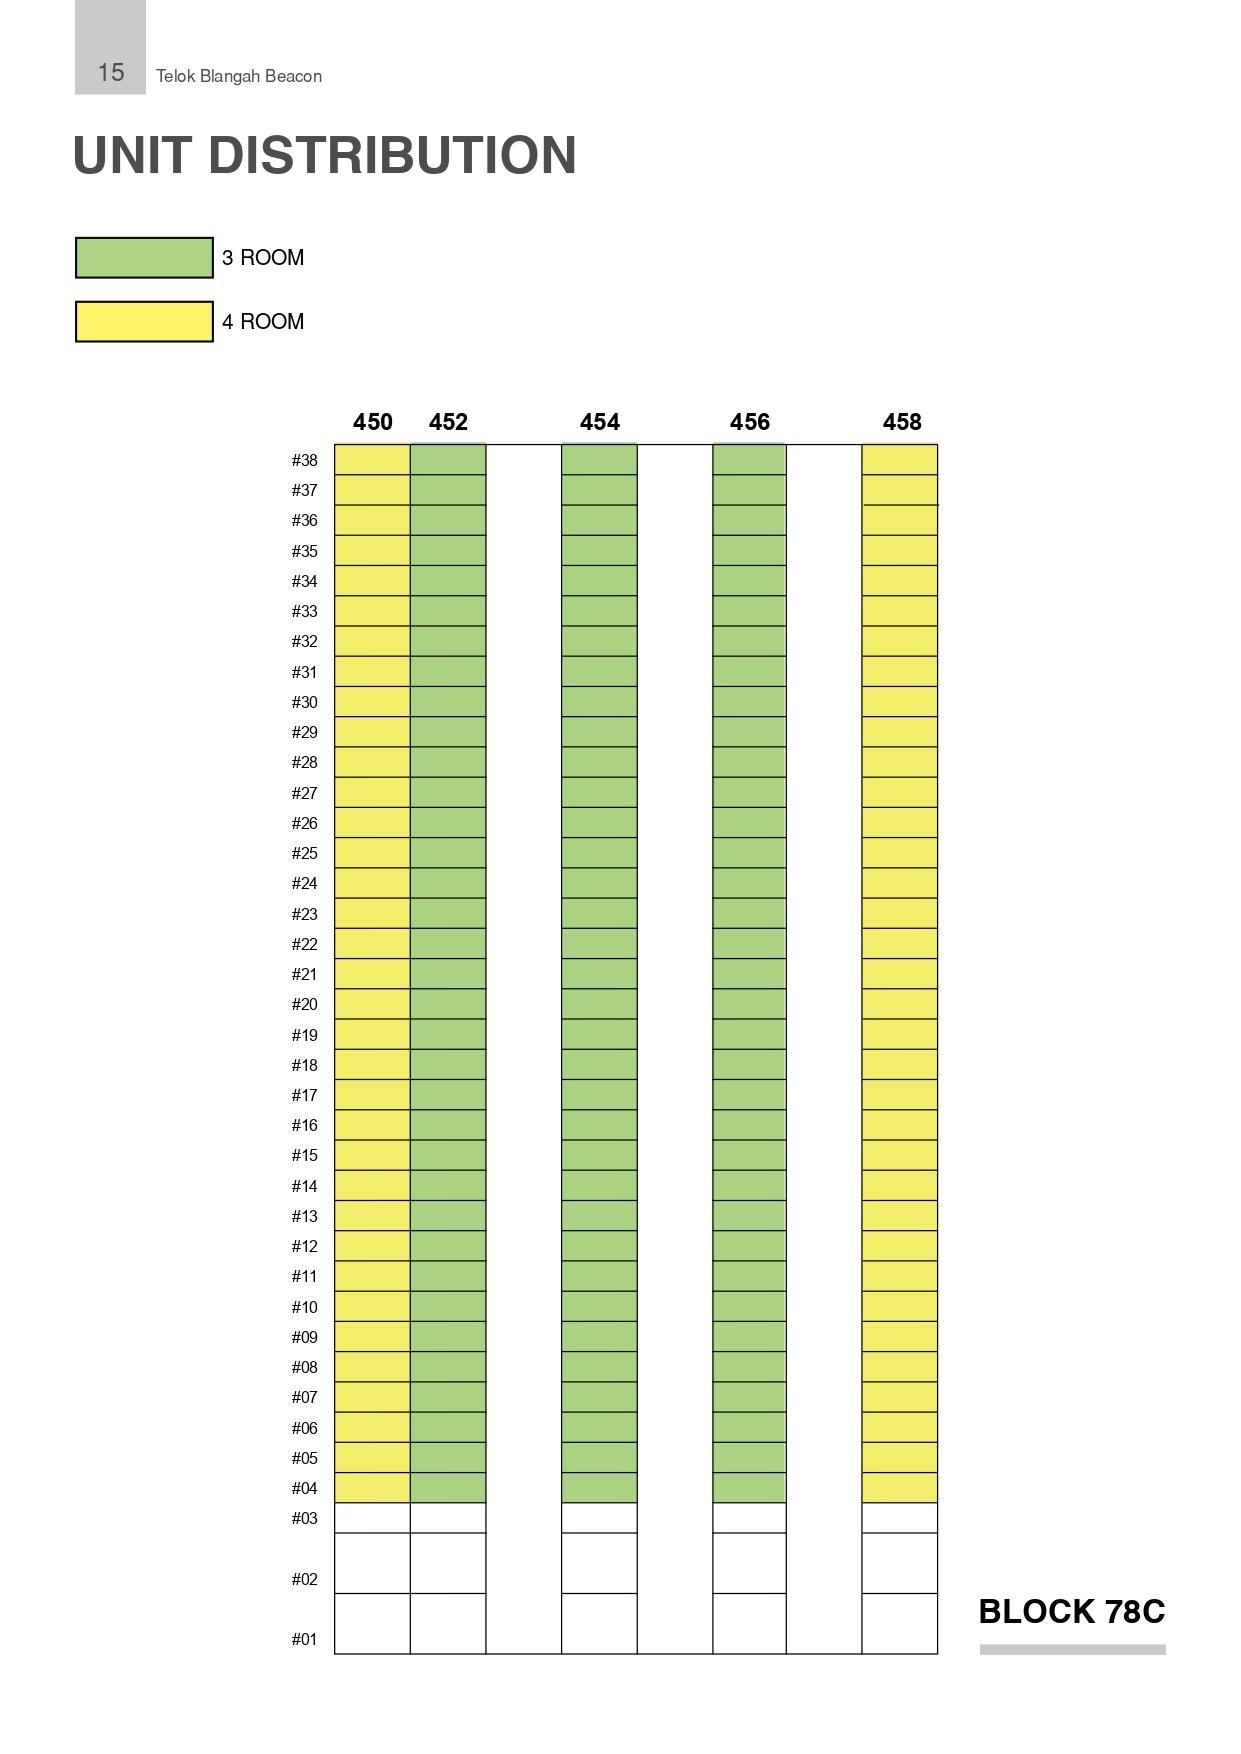 Telok Blangah Beacon Unit Distribution